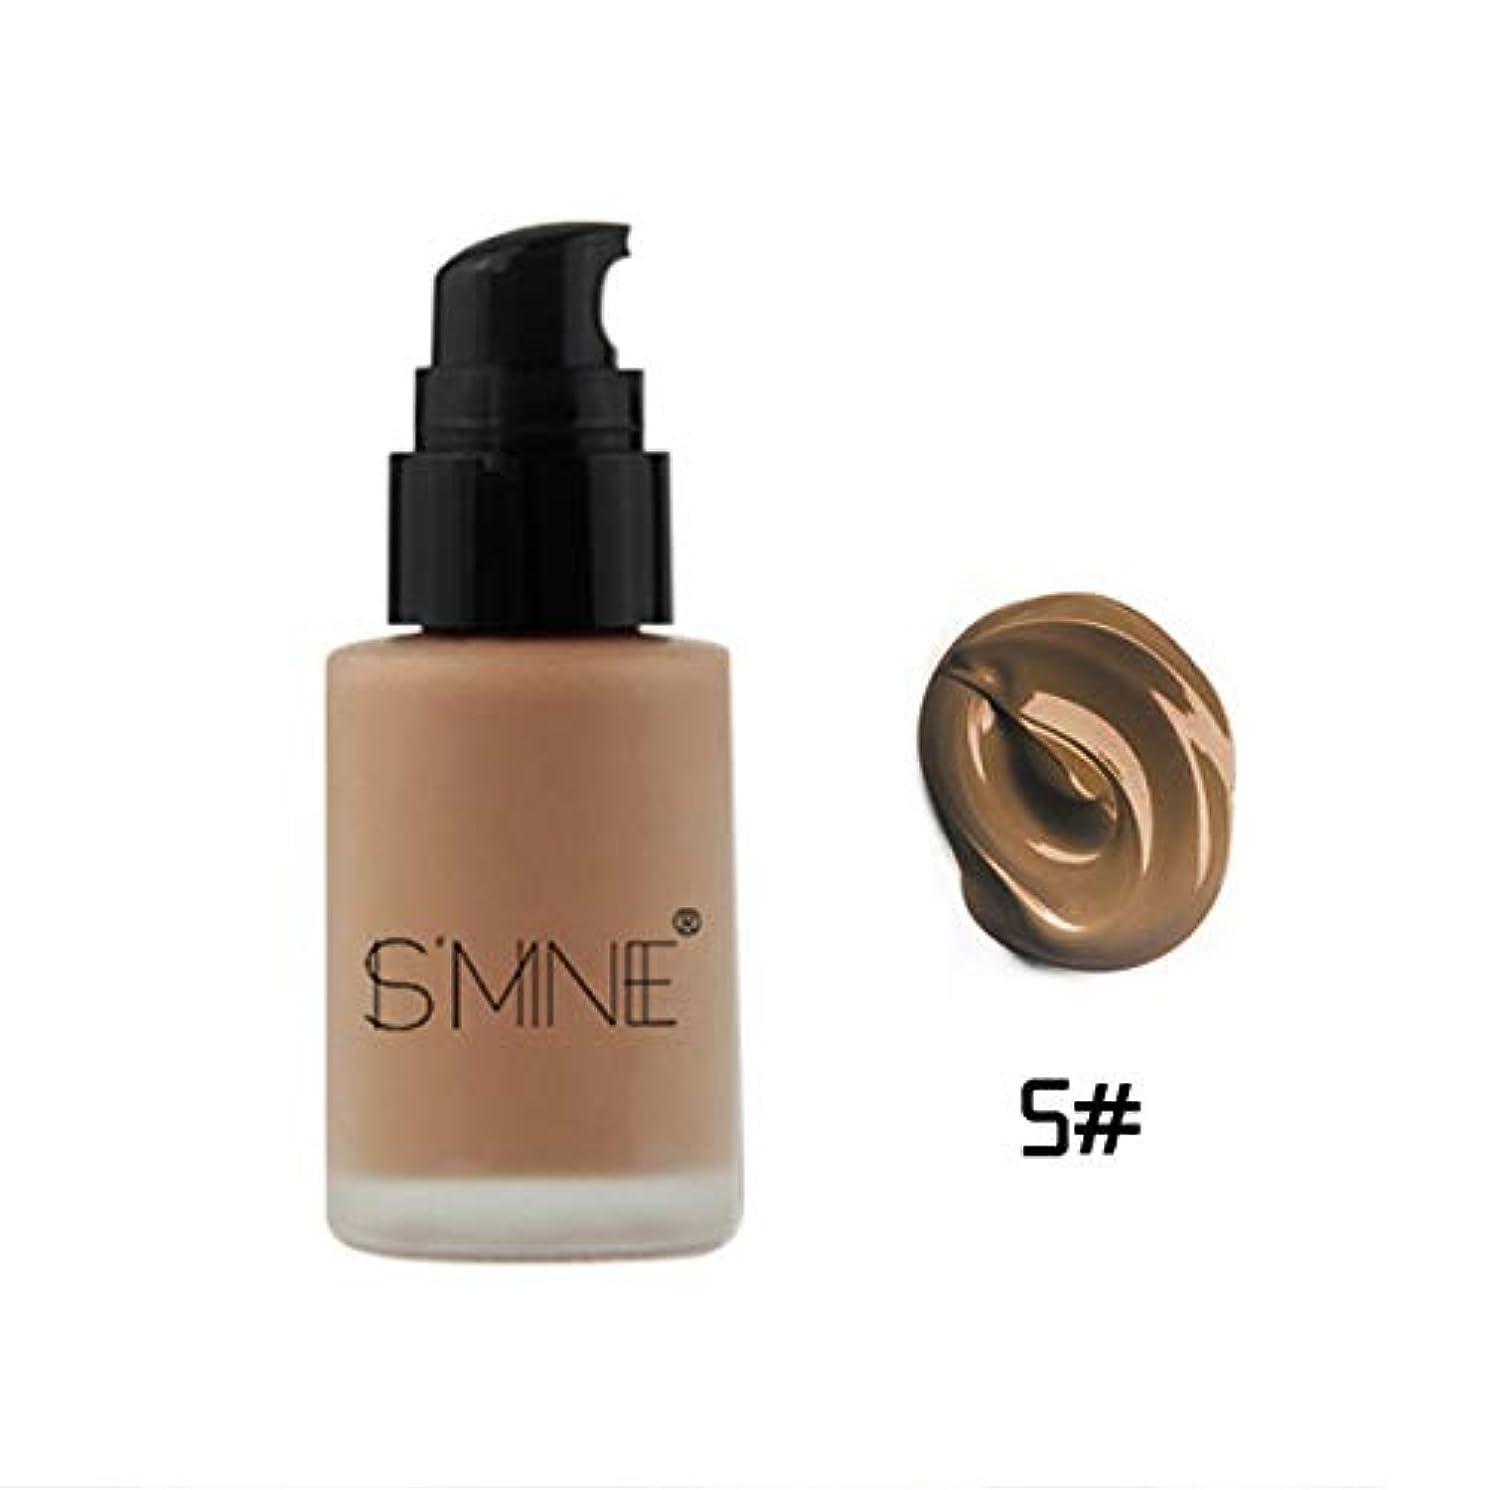 誤解栄光静脈Symboat BBクリーム 女性 フェイスコンシーラー 美白 保湿 防水 ロングラスティングメイクアップ 健康的な自然な肌色 素肌感 化粧品